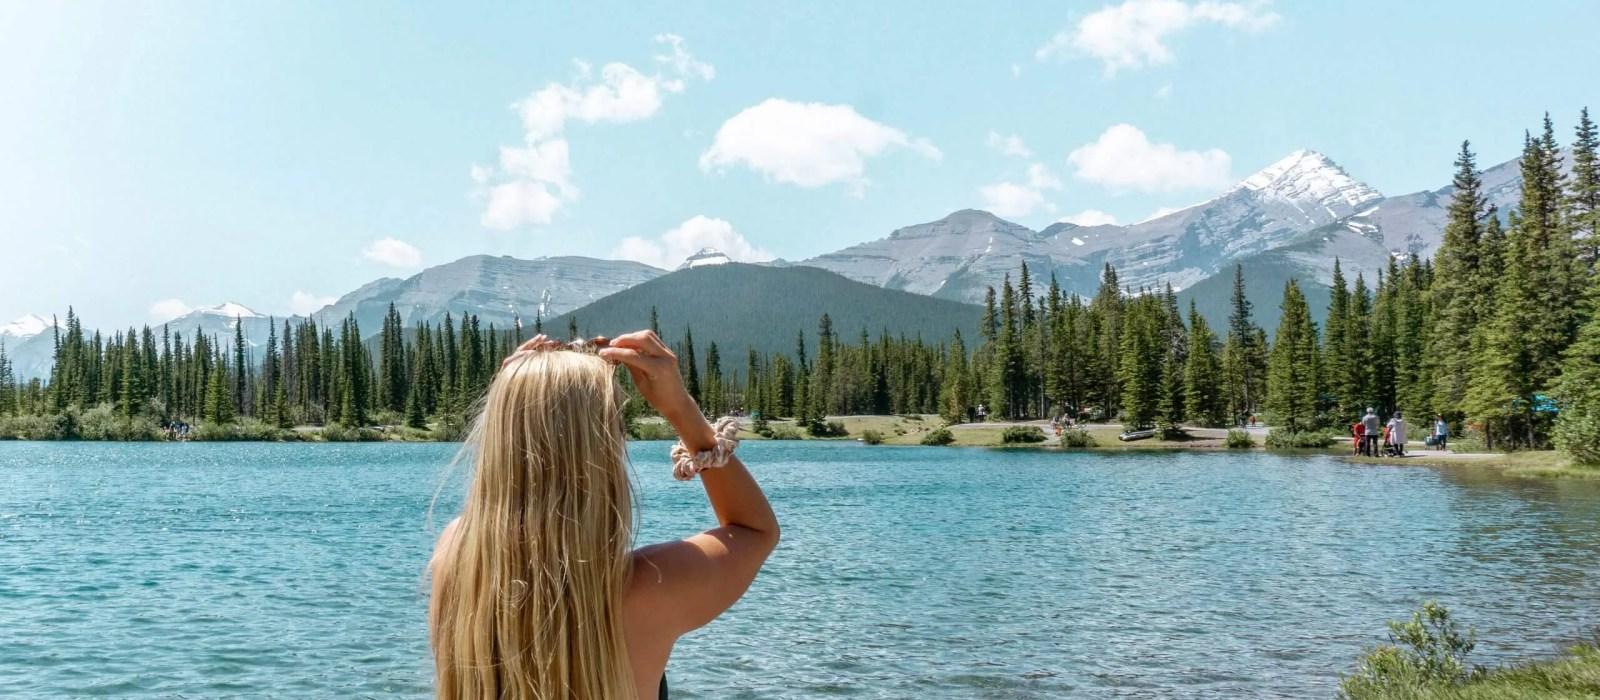 3 Beautiful Hikes Near Bragg Creek That Make an Epic Day Trip